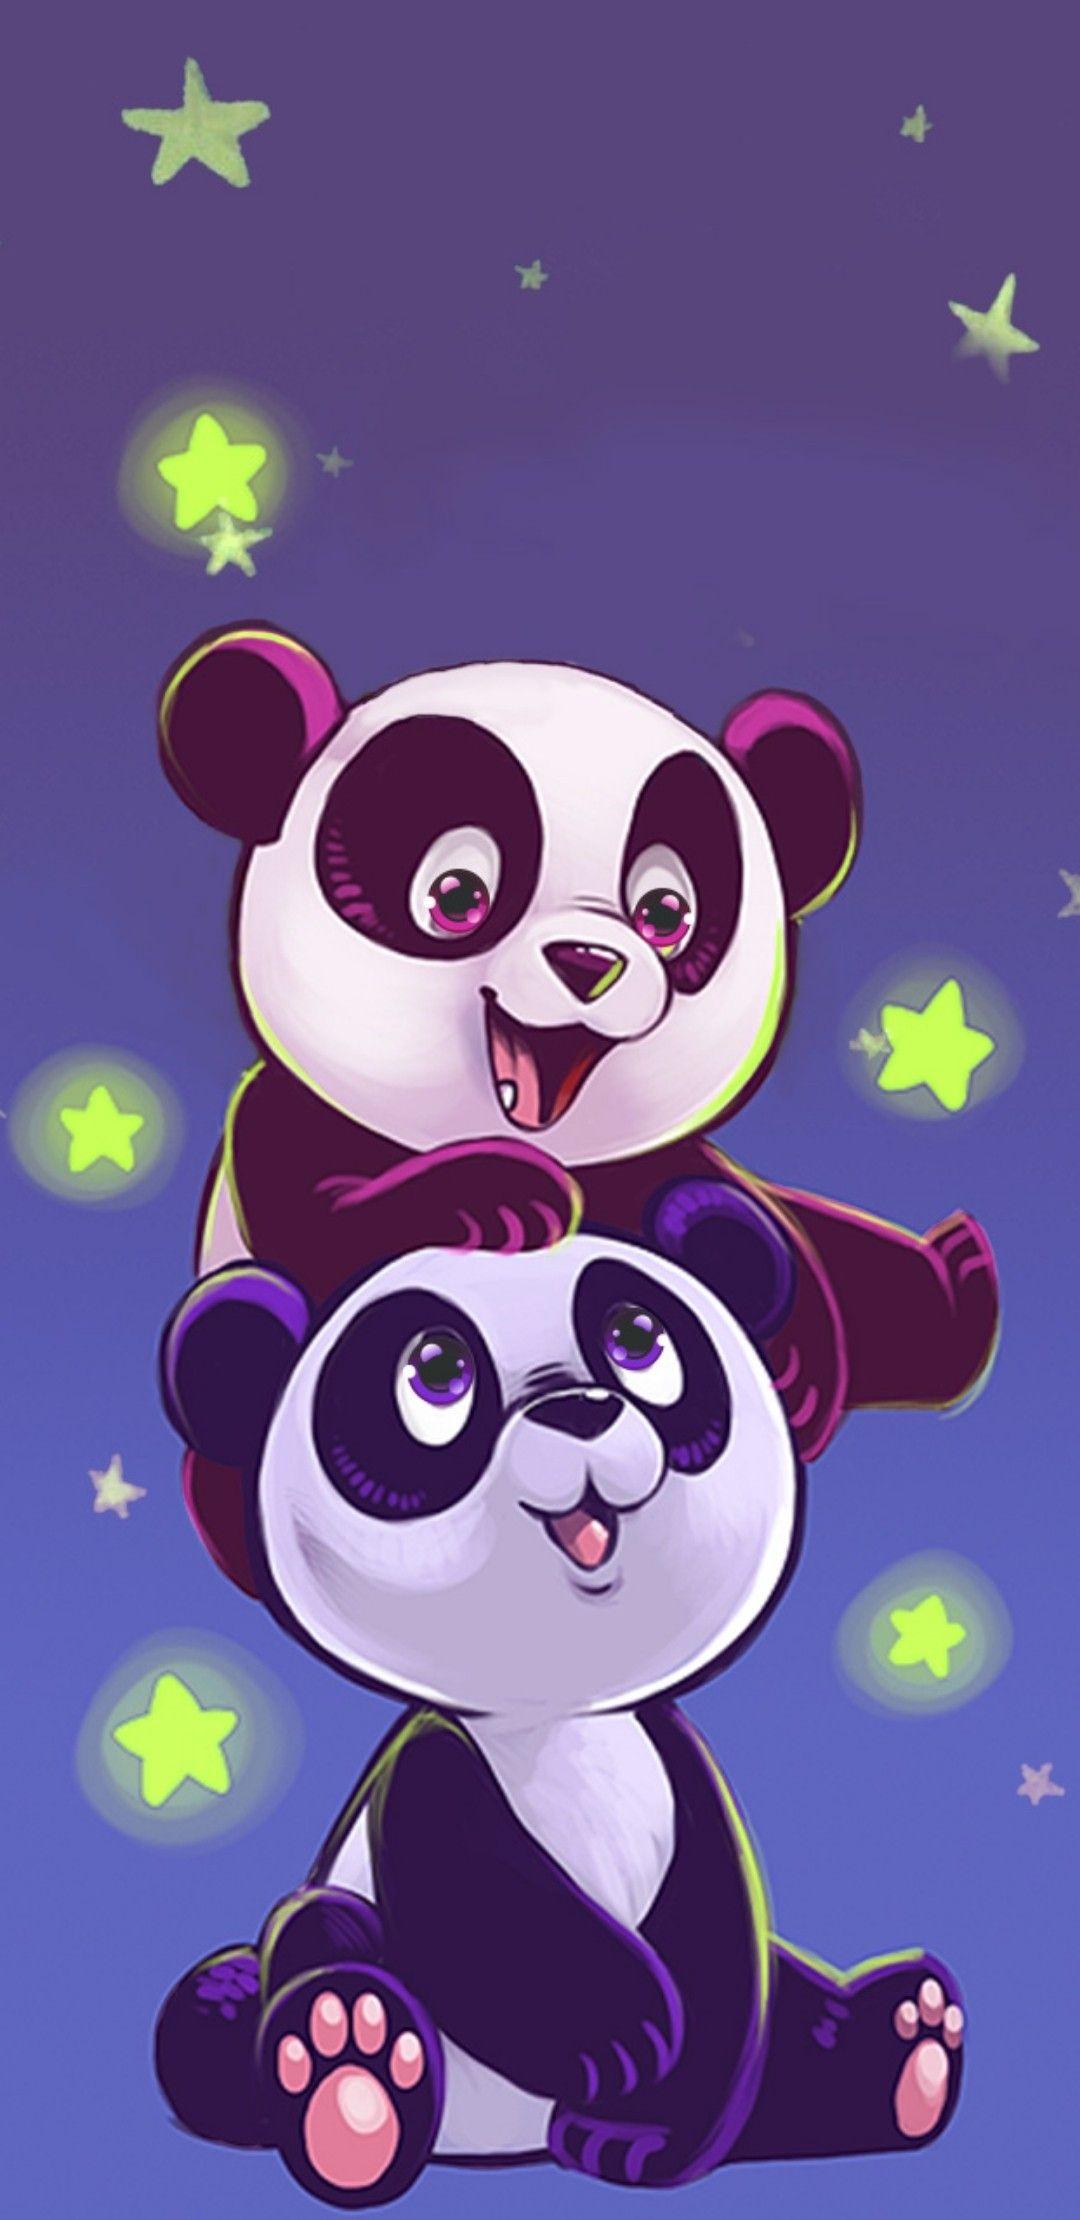 couvre lit laure de flores Épinglé par Lizette Montalvo Flores sur Pandas!!! | Pinterest  couvre lit laure de flores